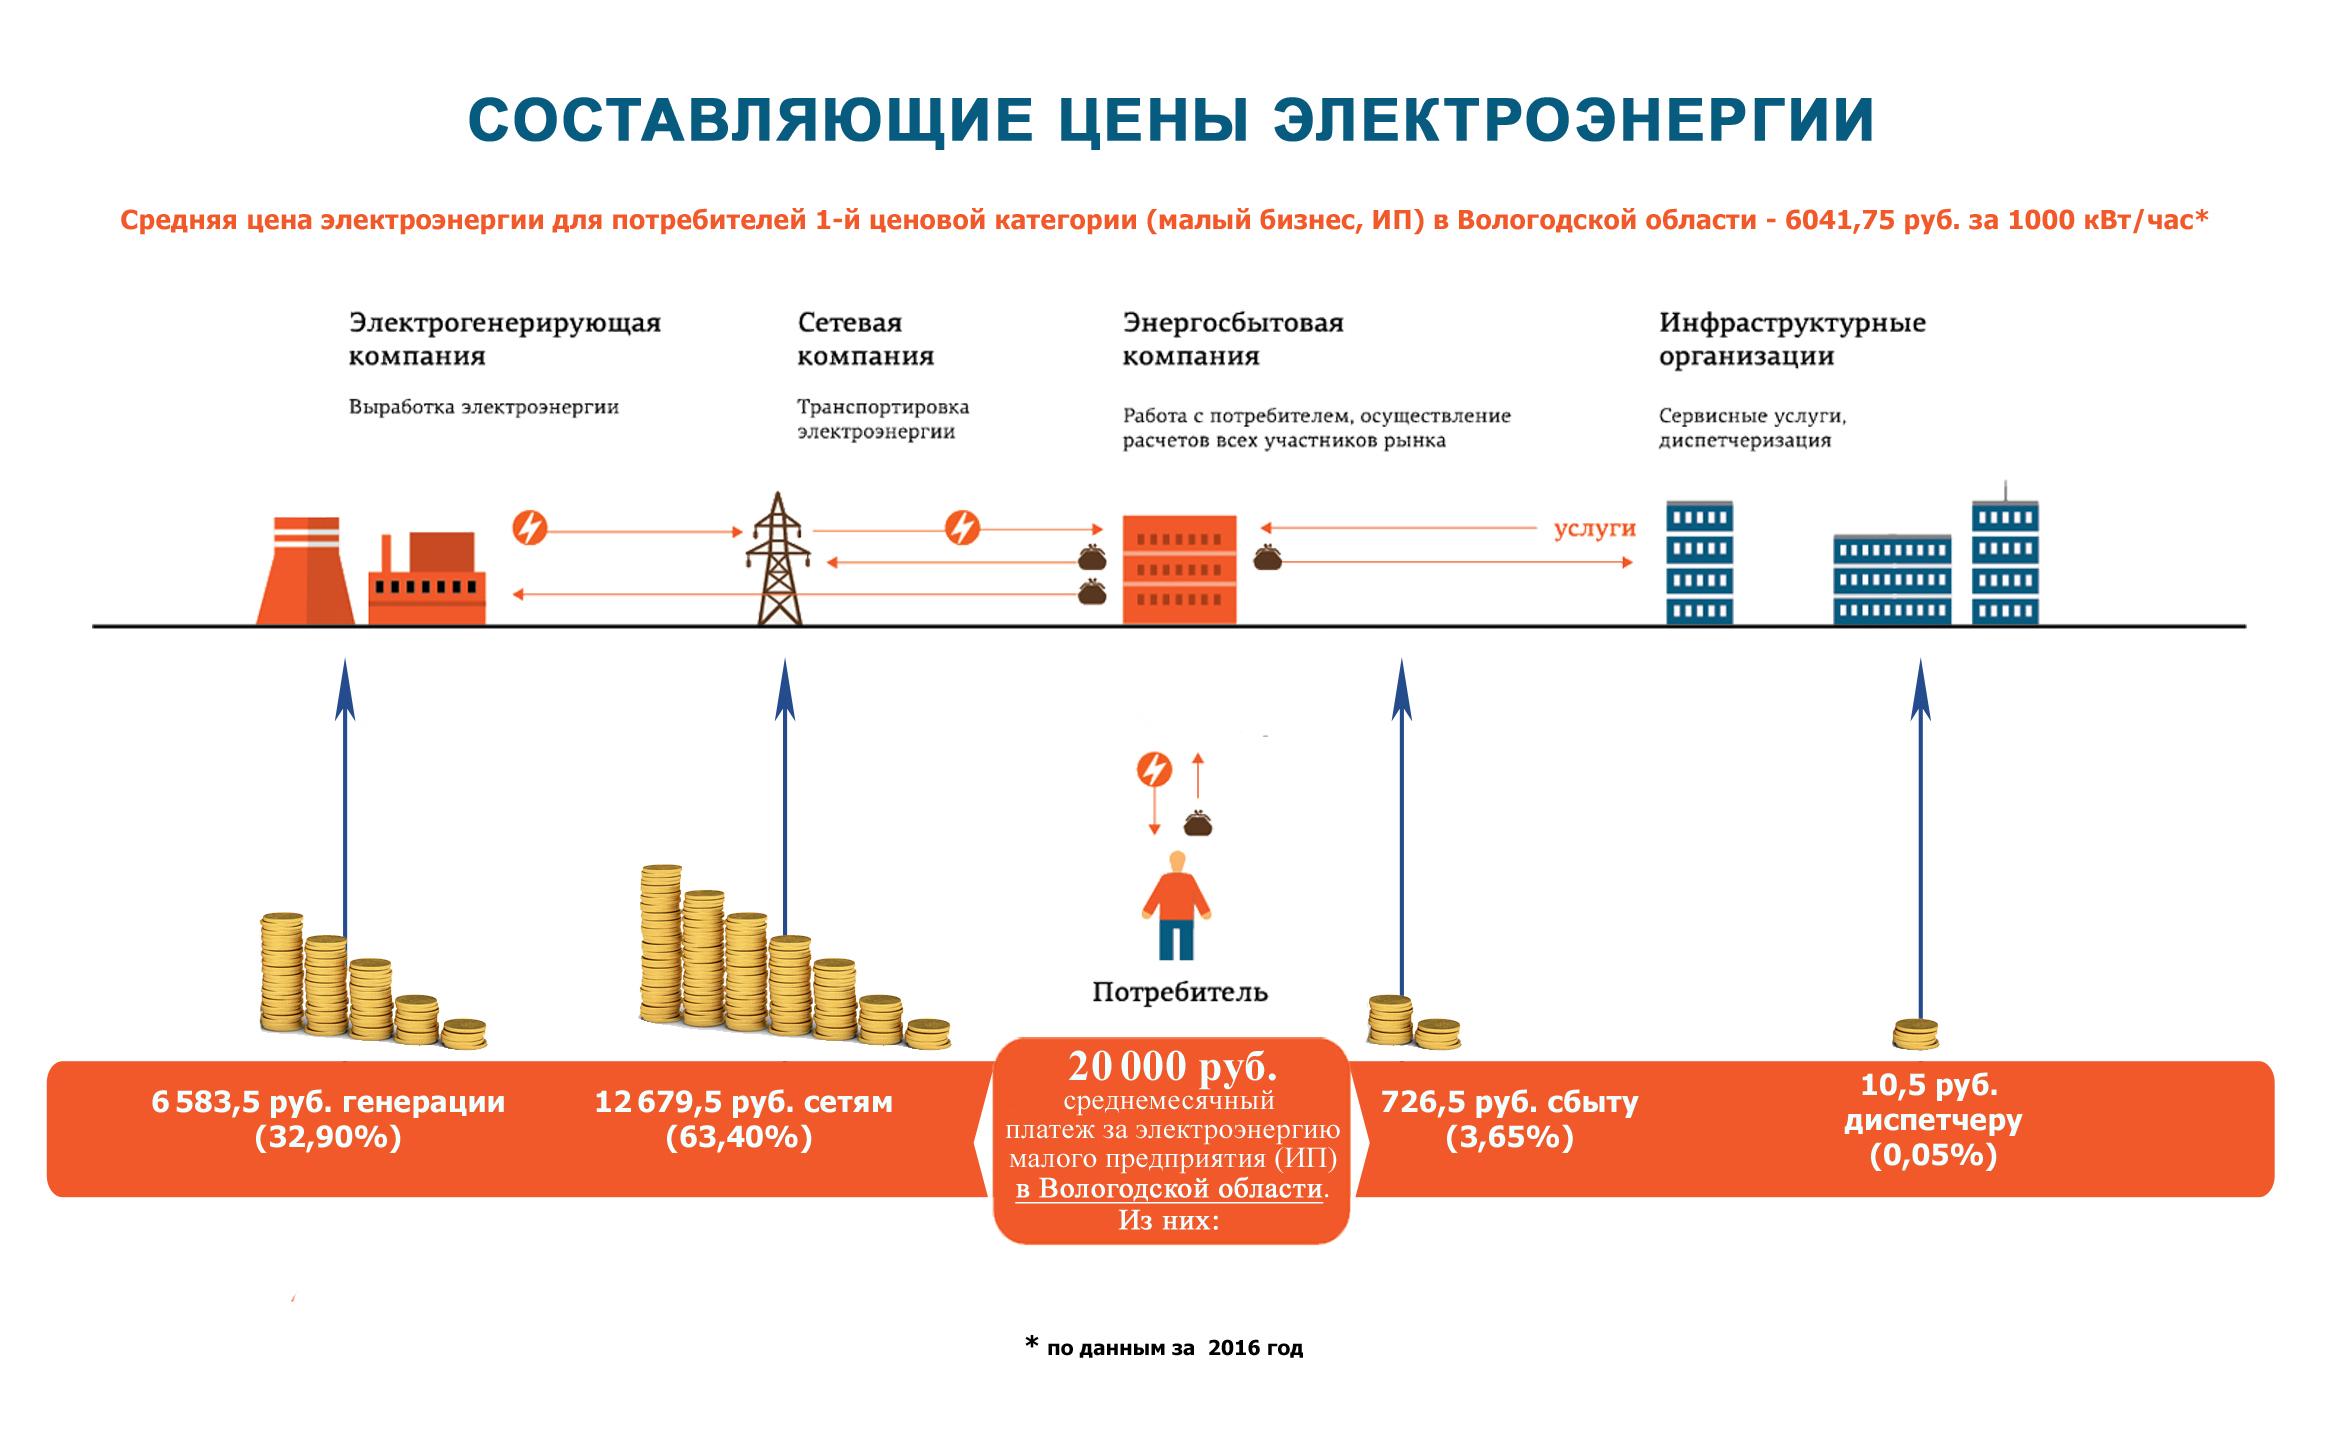 Что такое ценовые категории потребителей электроэнергии?